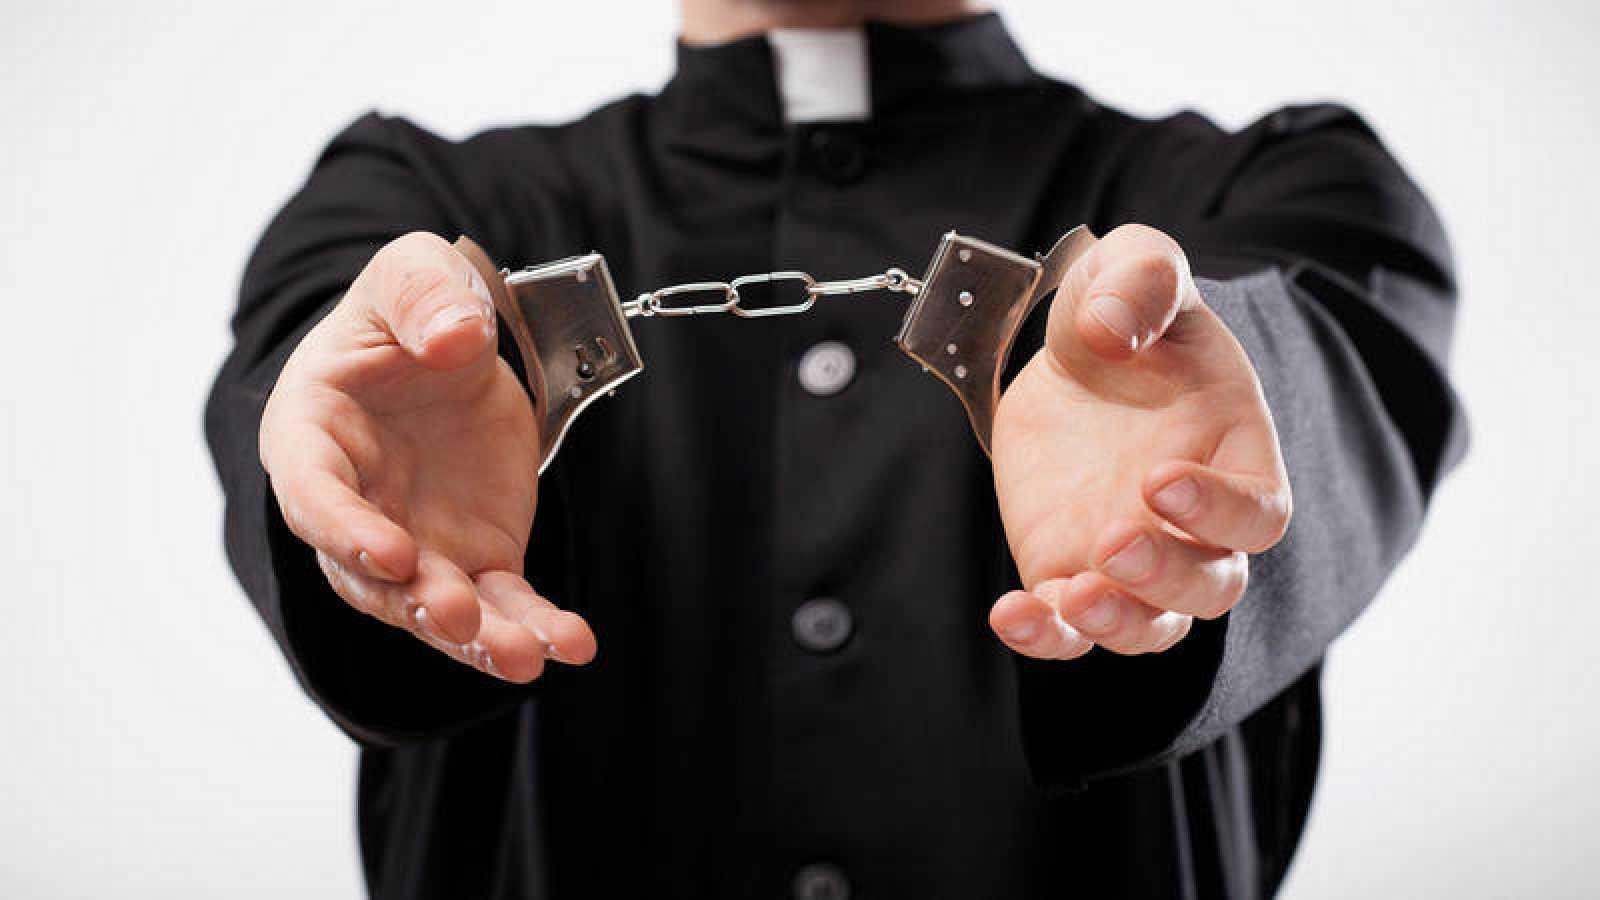 Resultado de imagen para sacerdote  abusos sexuales a menor